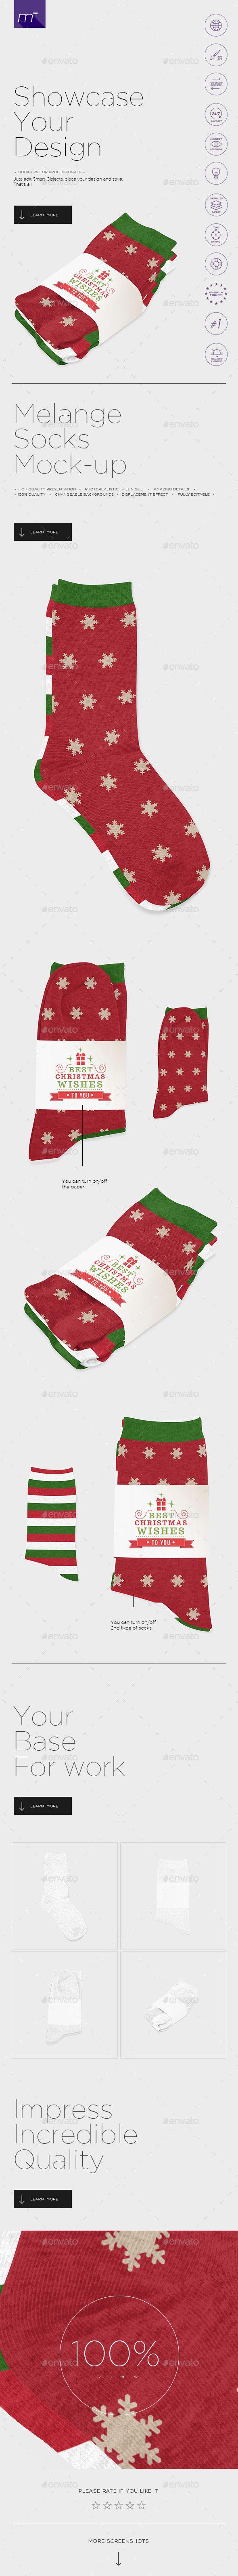 Melange Socks Mockup Photoshop Psd Stock Sock Download Https Graphicriver Net Item Melange Socks Mockup 19071891 Ref Pxcr Mockup Photoshop